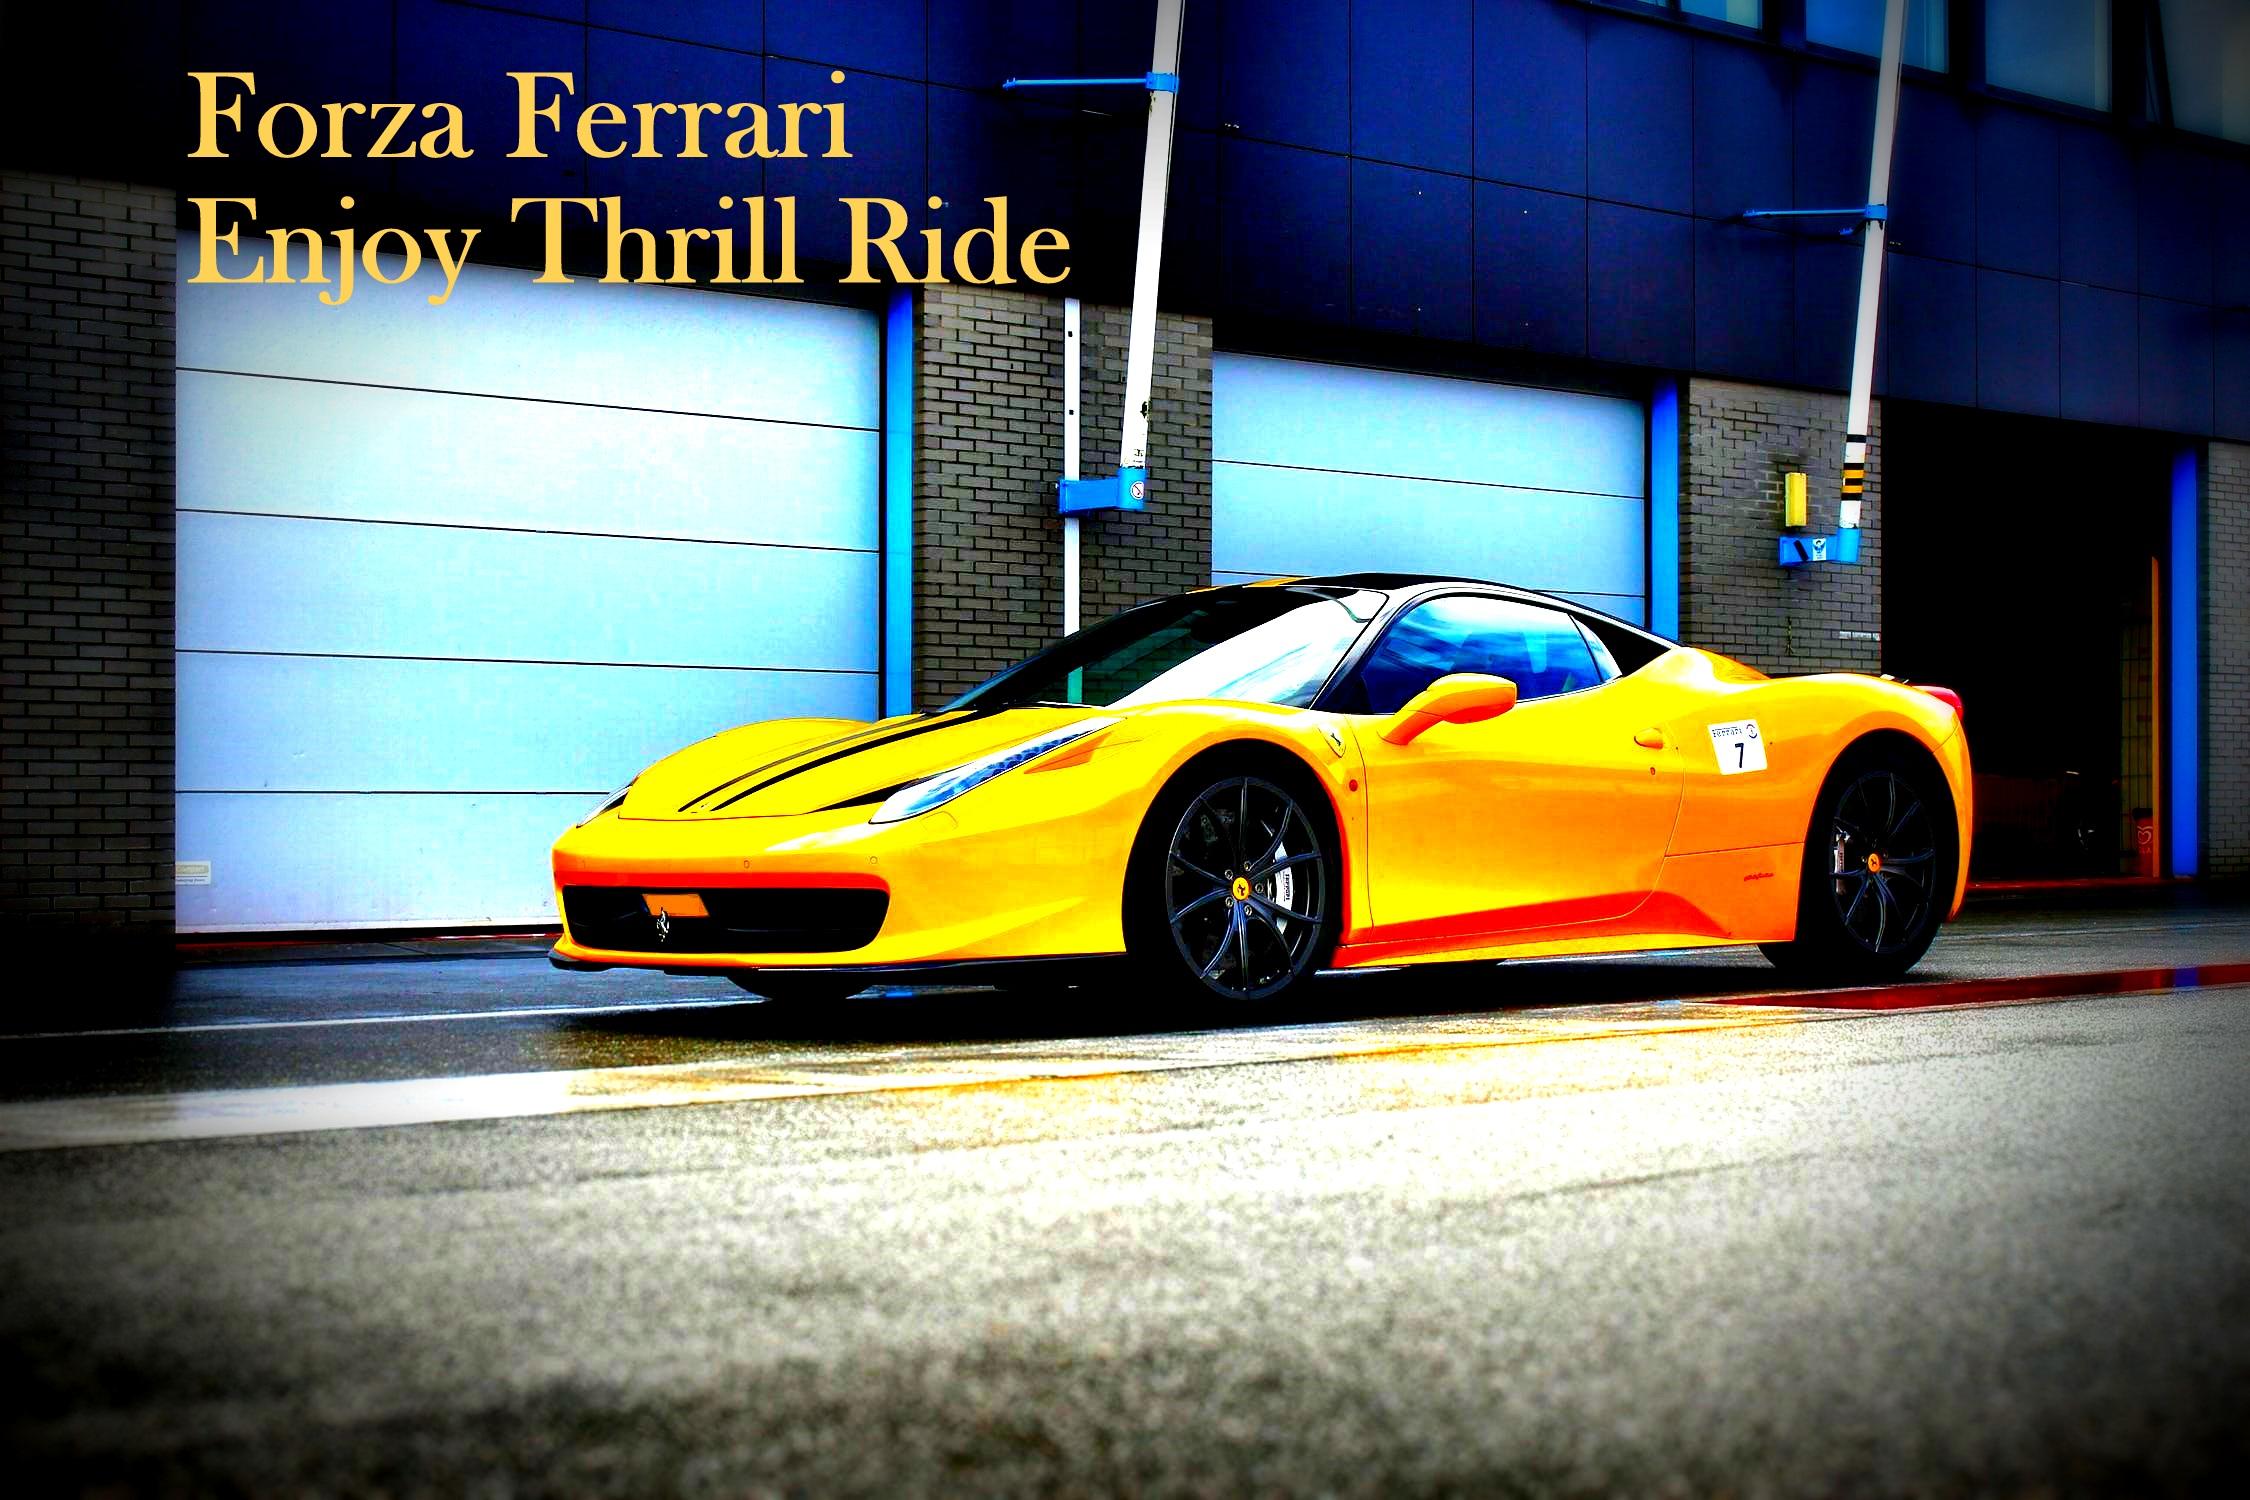 Forza Ferrari